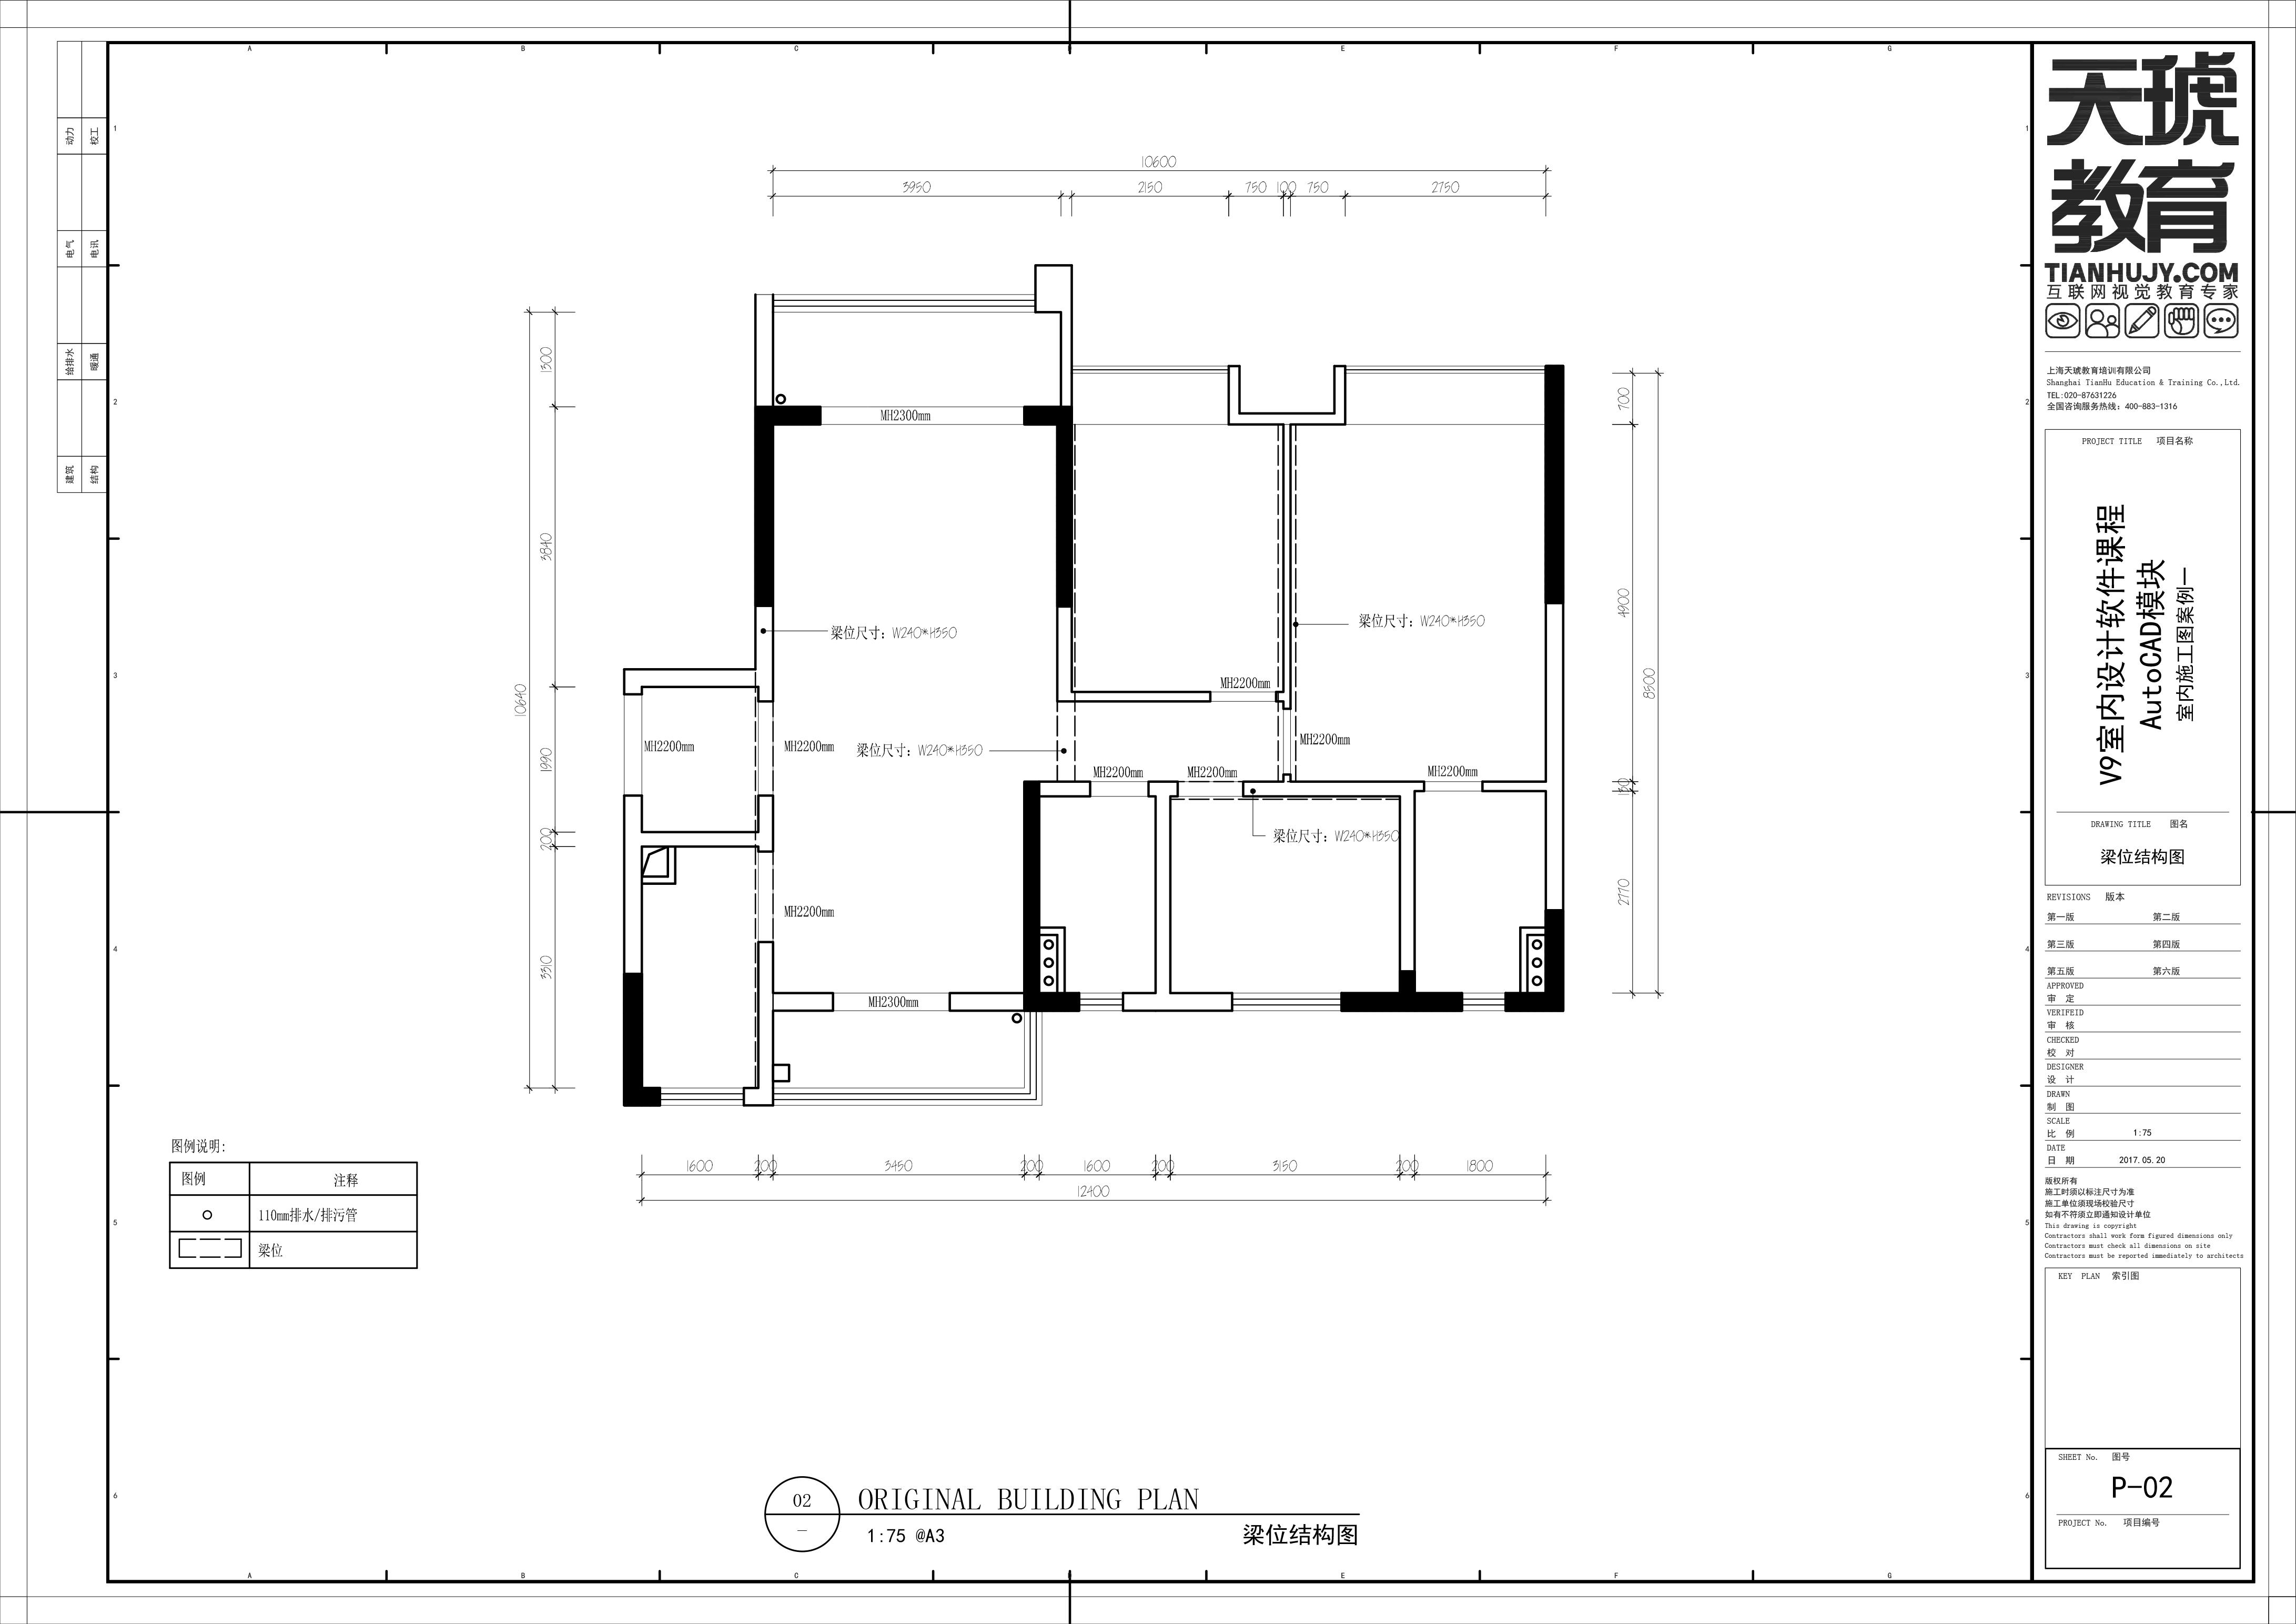 第三课 绘制原始建筑平面图及梁位结构图